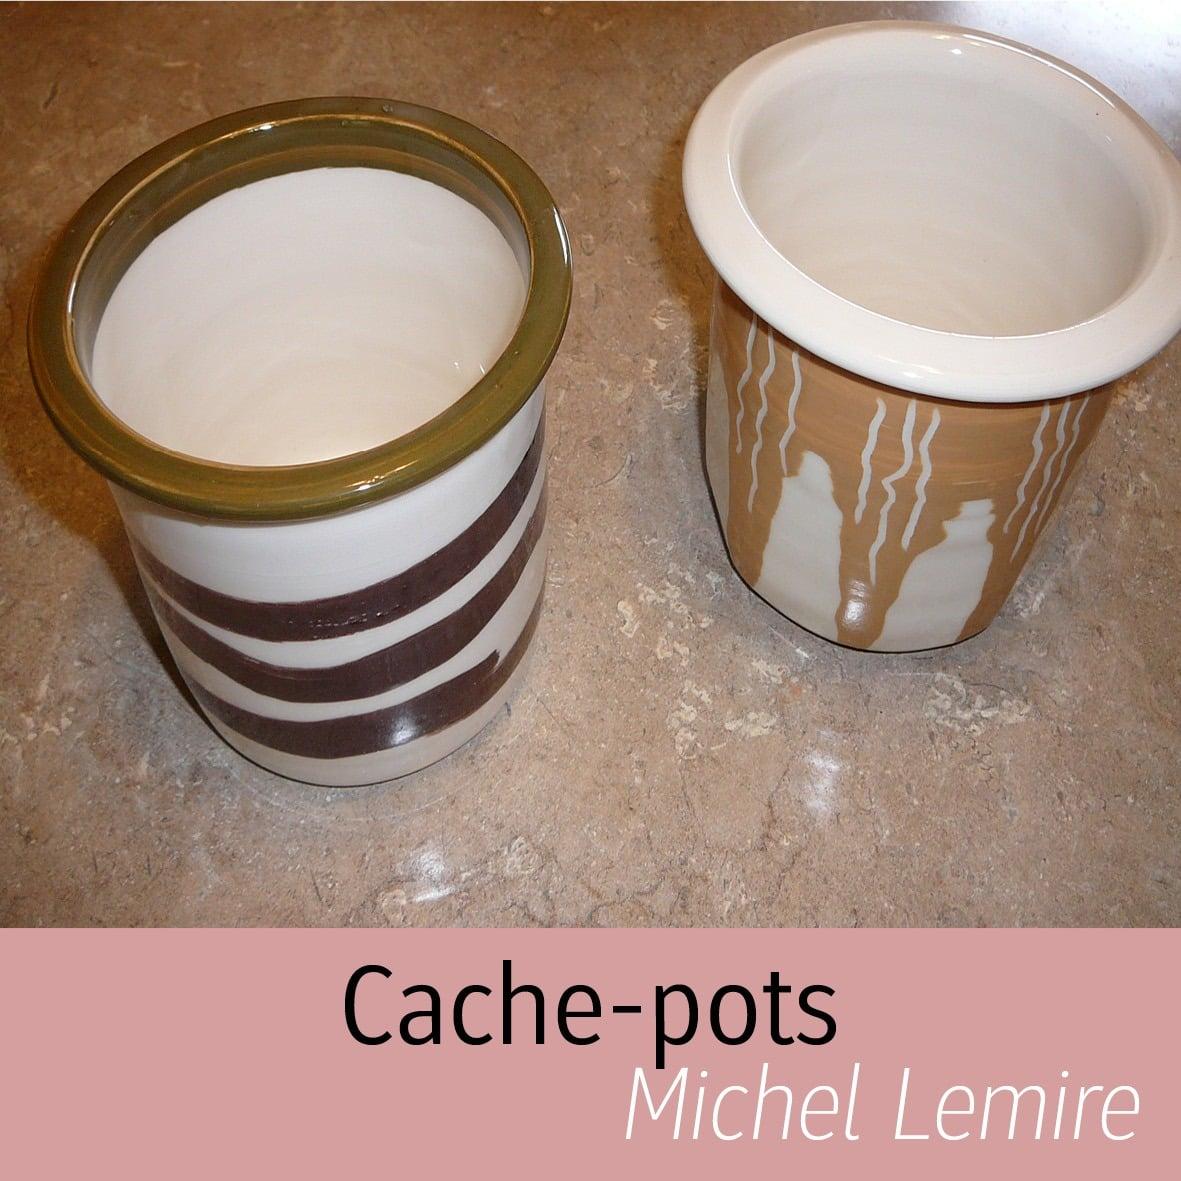 Cache-pots Michel Lemire